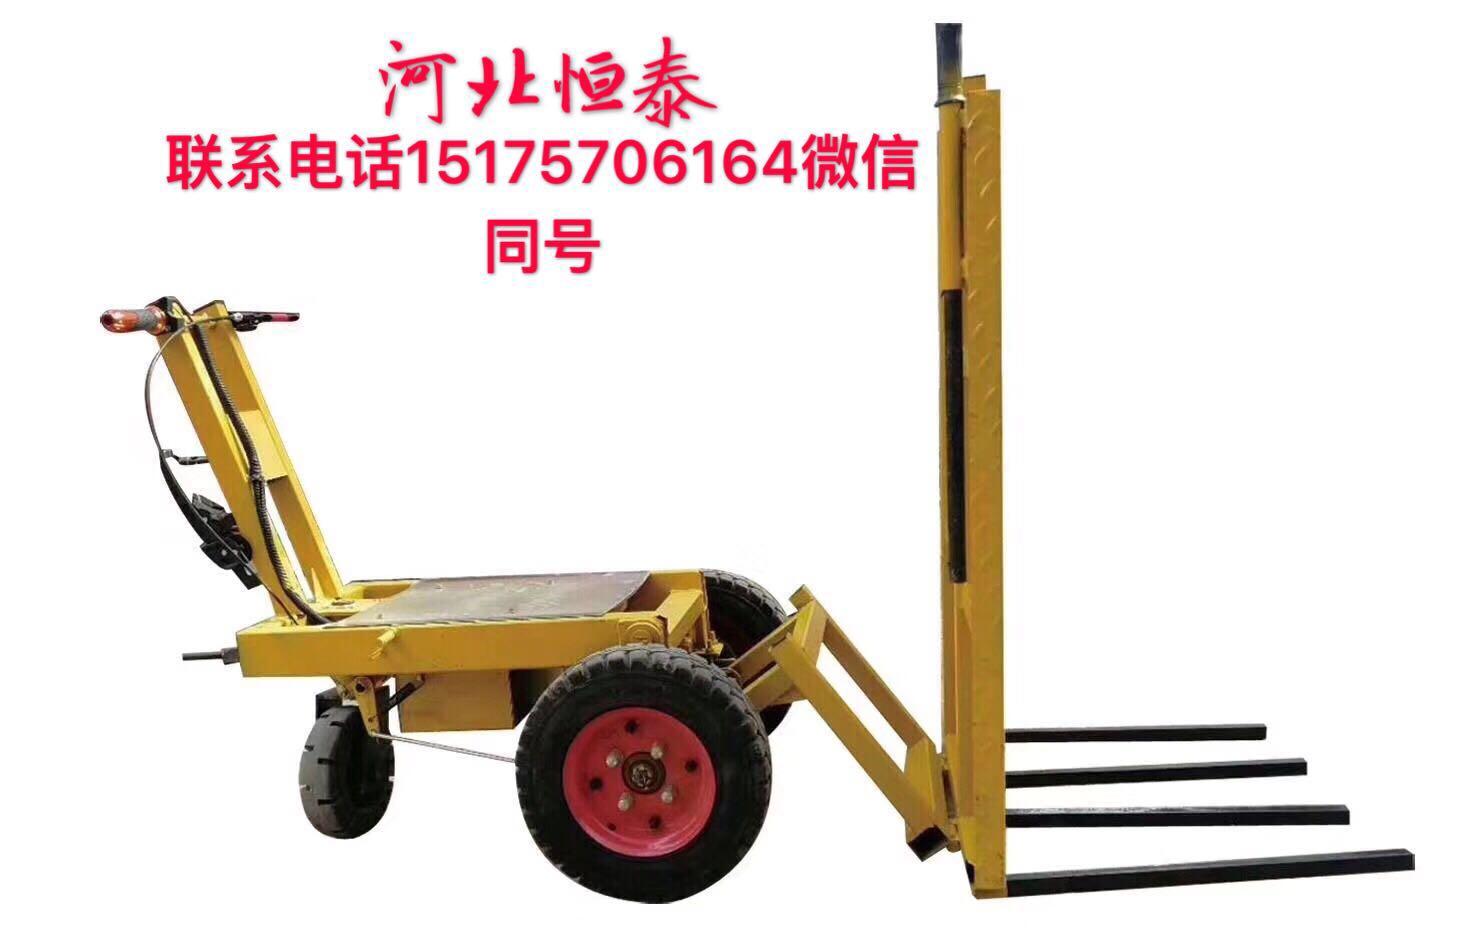 工地用电动运灰车厂家质量好 价格低 可自卸 可拆卸